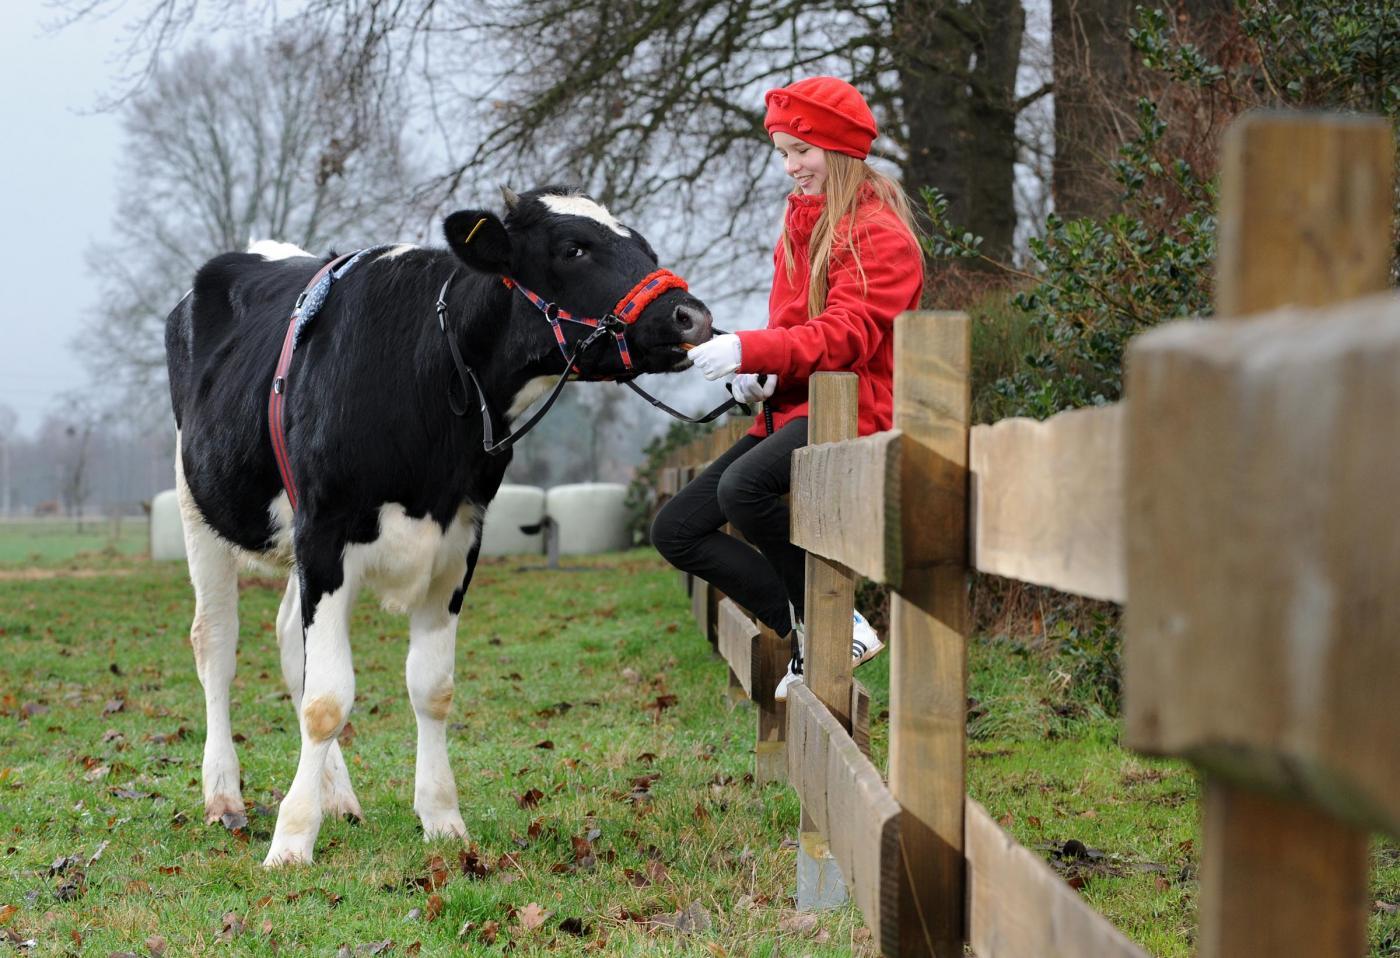 Germania, la ragazzina che a 12 anni cavalca la mucca02